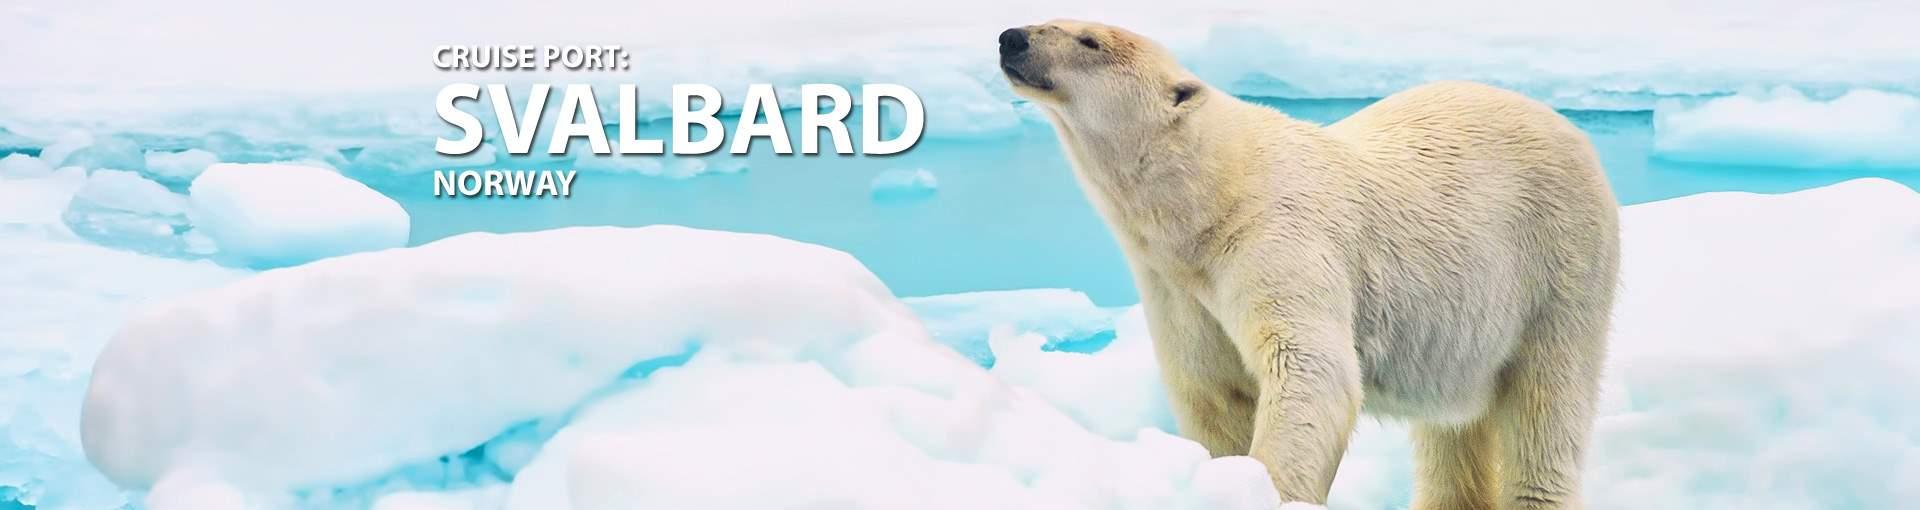 Cruises to Svalbard, Norway